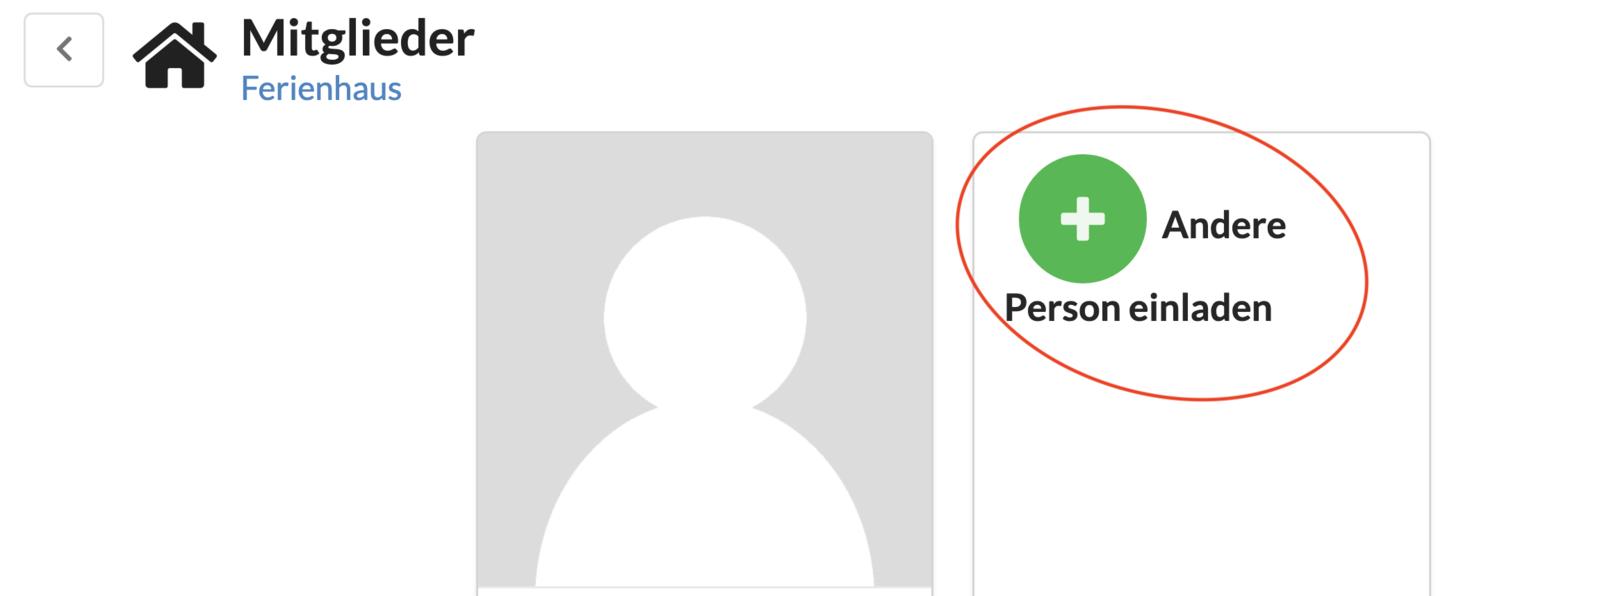 """Funktion """"Andere Person einladen"""" aufrufen"""